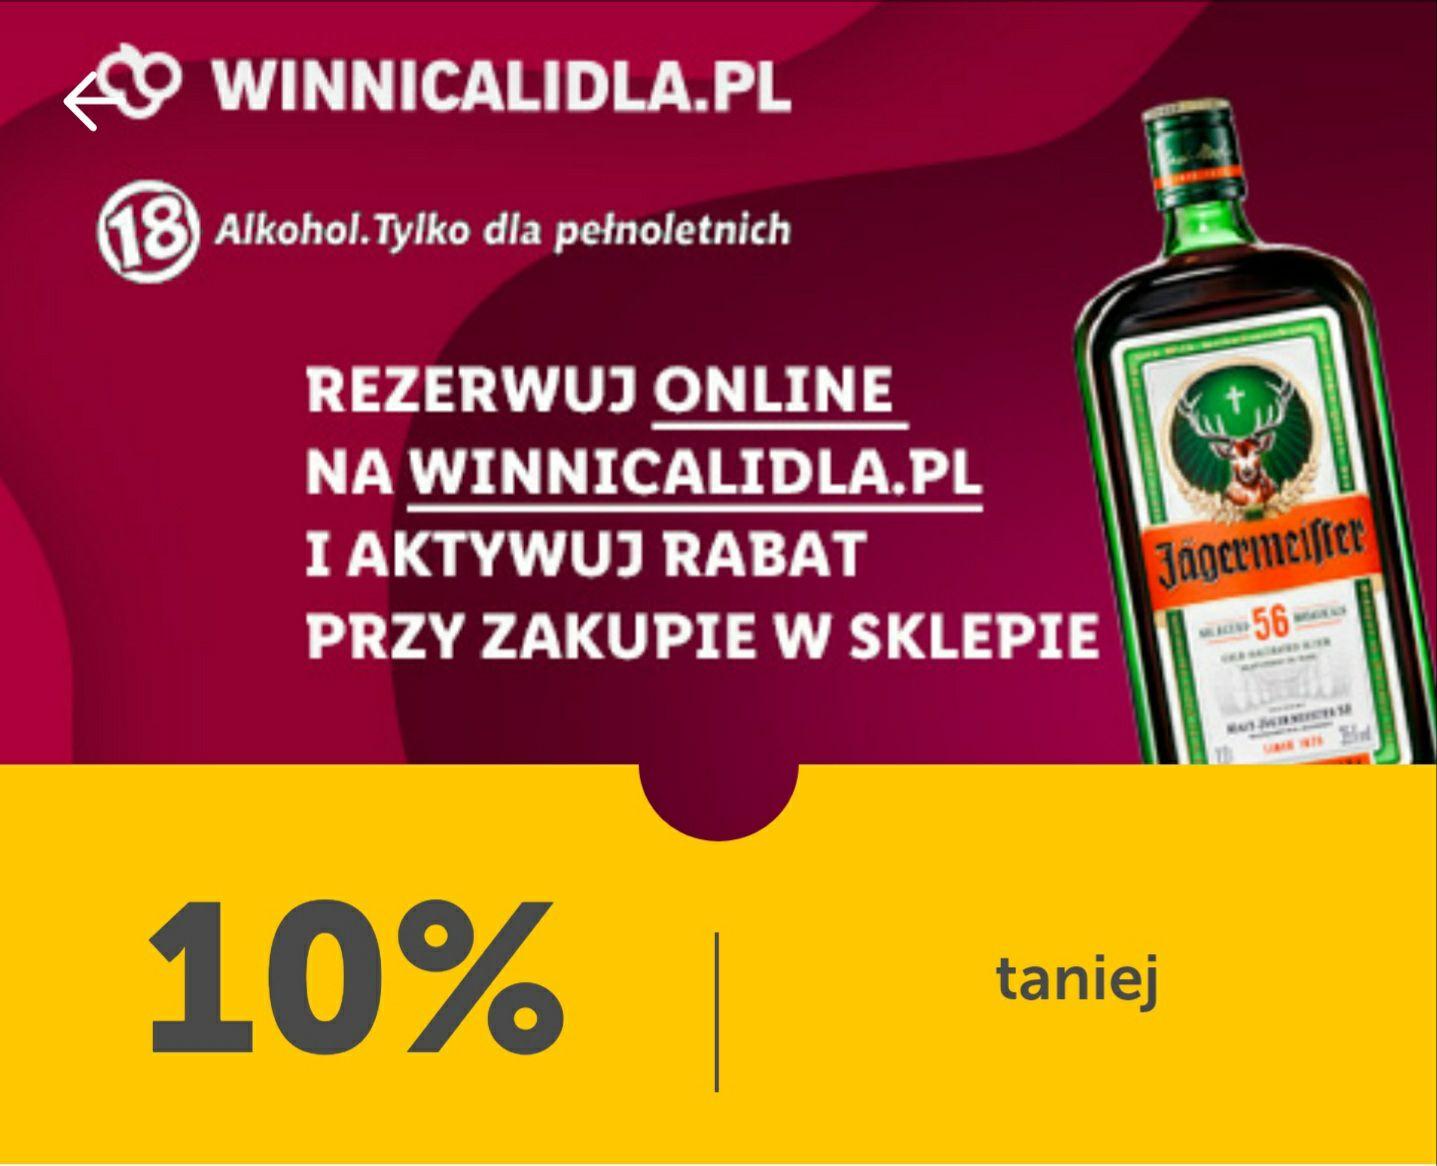 JÄGERMEISTER 1L - Winnica Lidla - Jagermeister